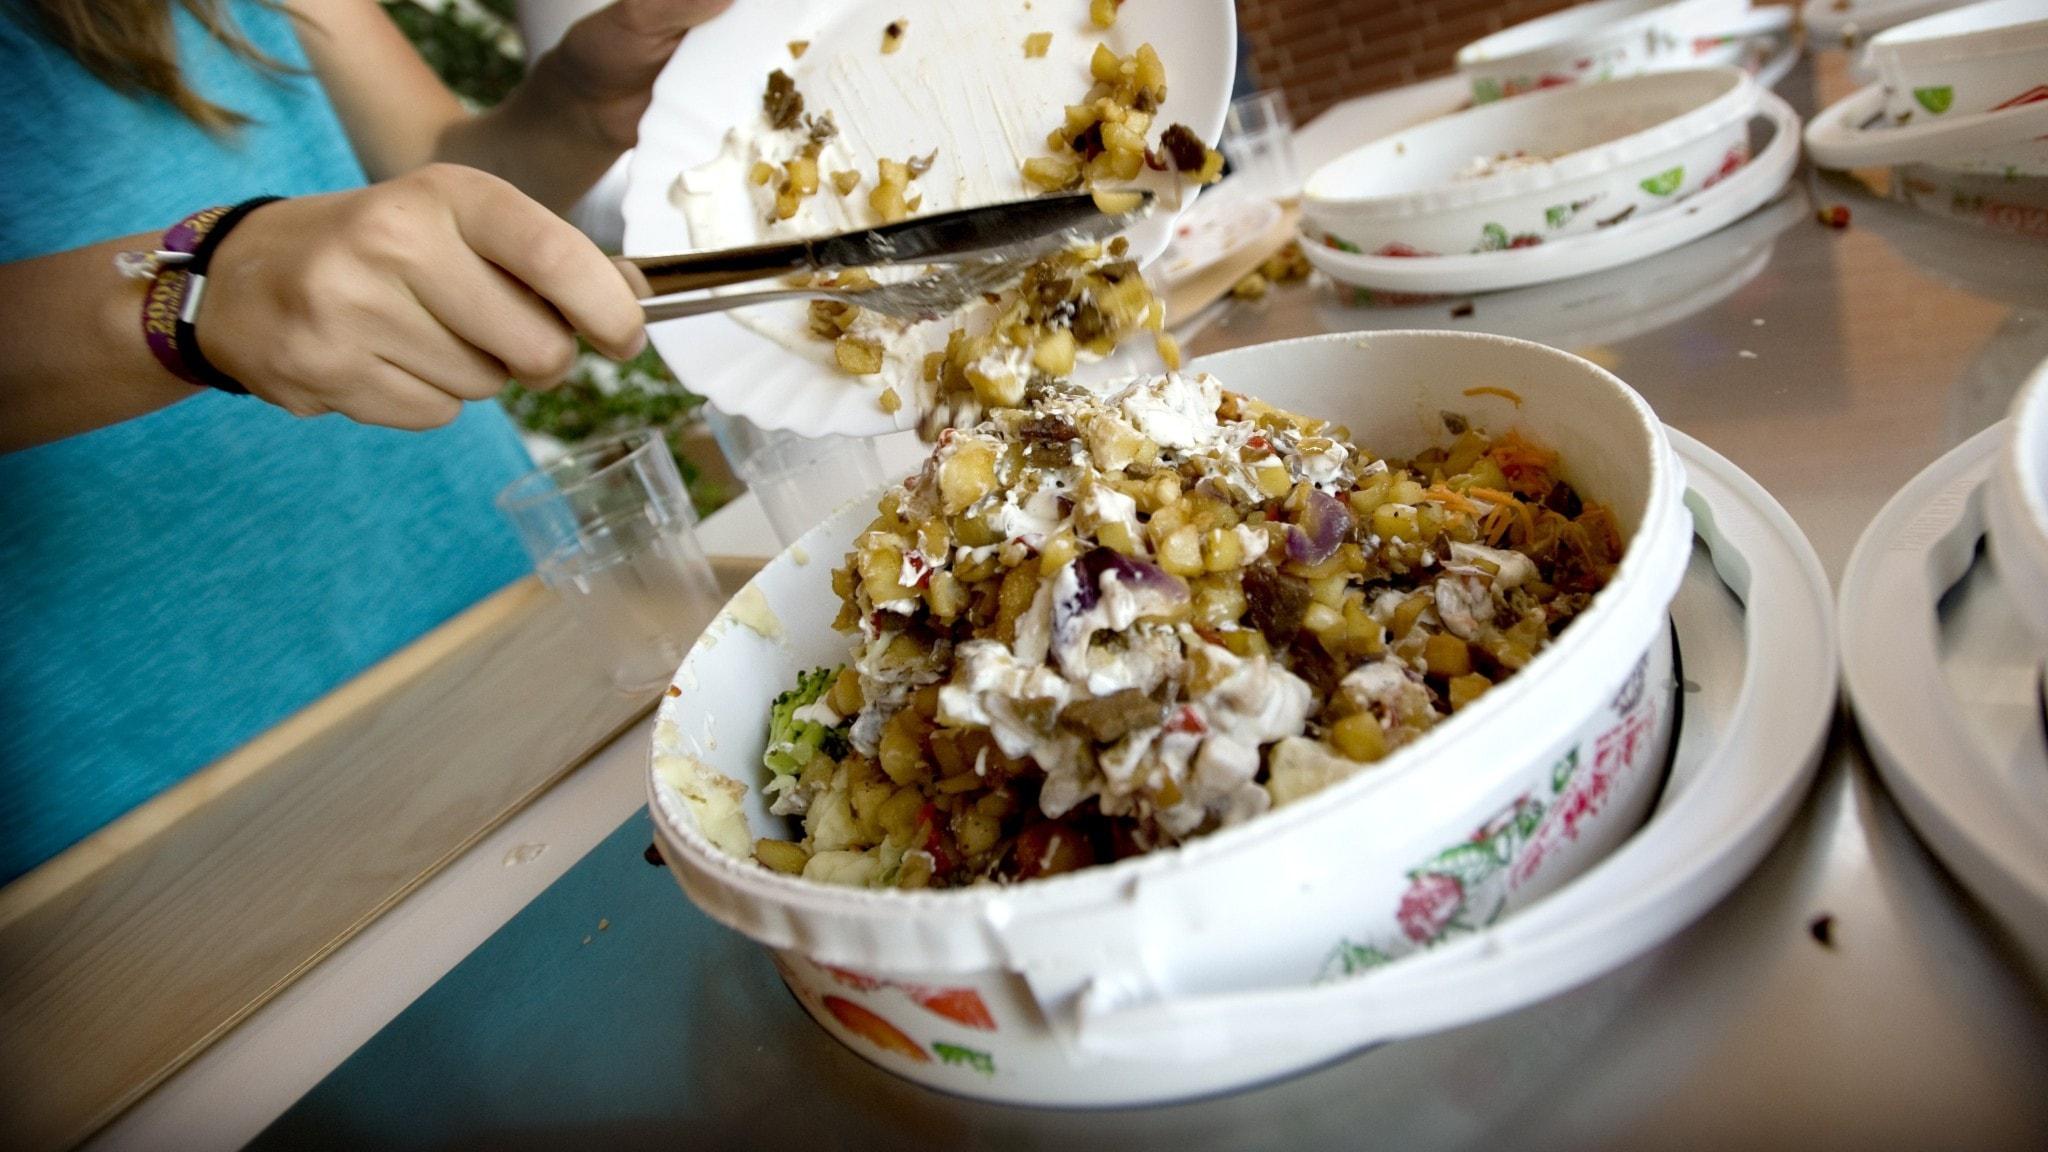 Matsvinn, koll-tävling och bostäder i Markaryds kommun